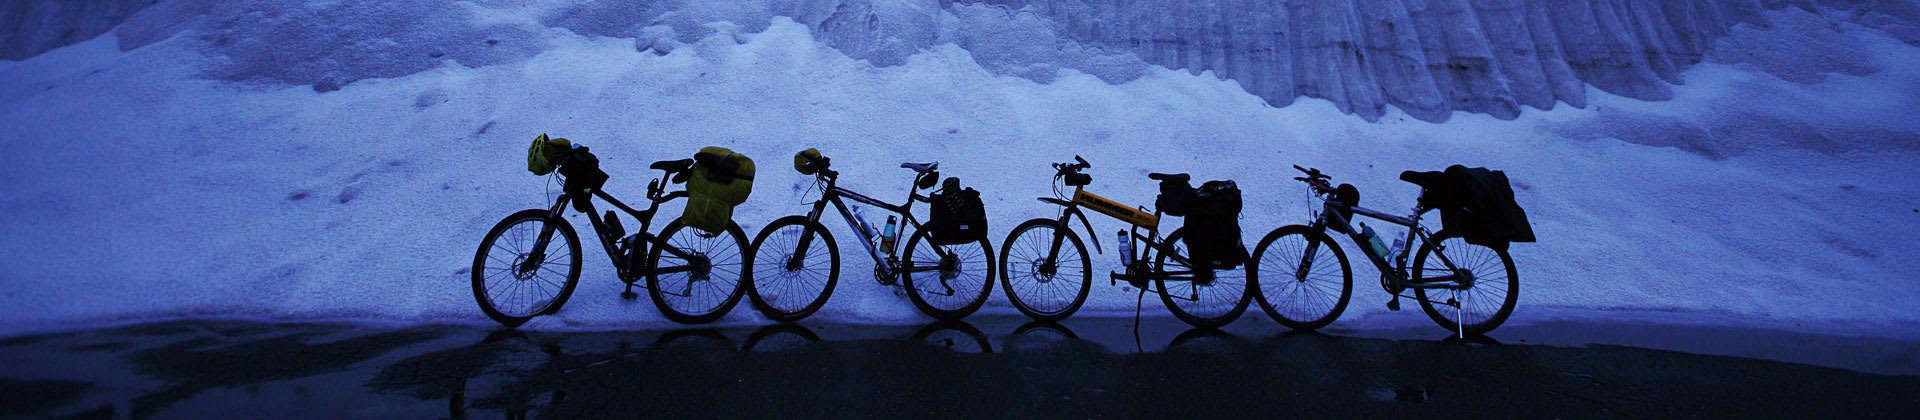 Το Bike In Art βρίσκεται στη Θεσσαλονίκη και διαθέτει μια μεγάλη ποικιλία ποδηλάτων που καλύπτει κάθε απαίτηση